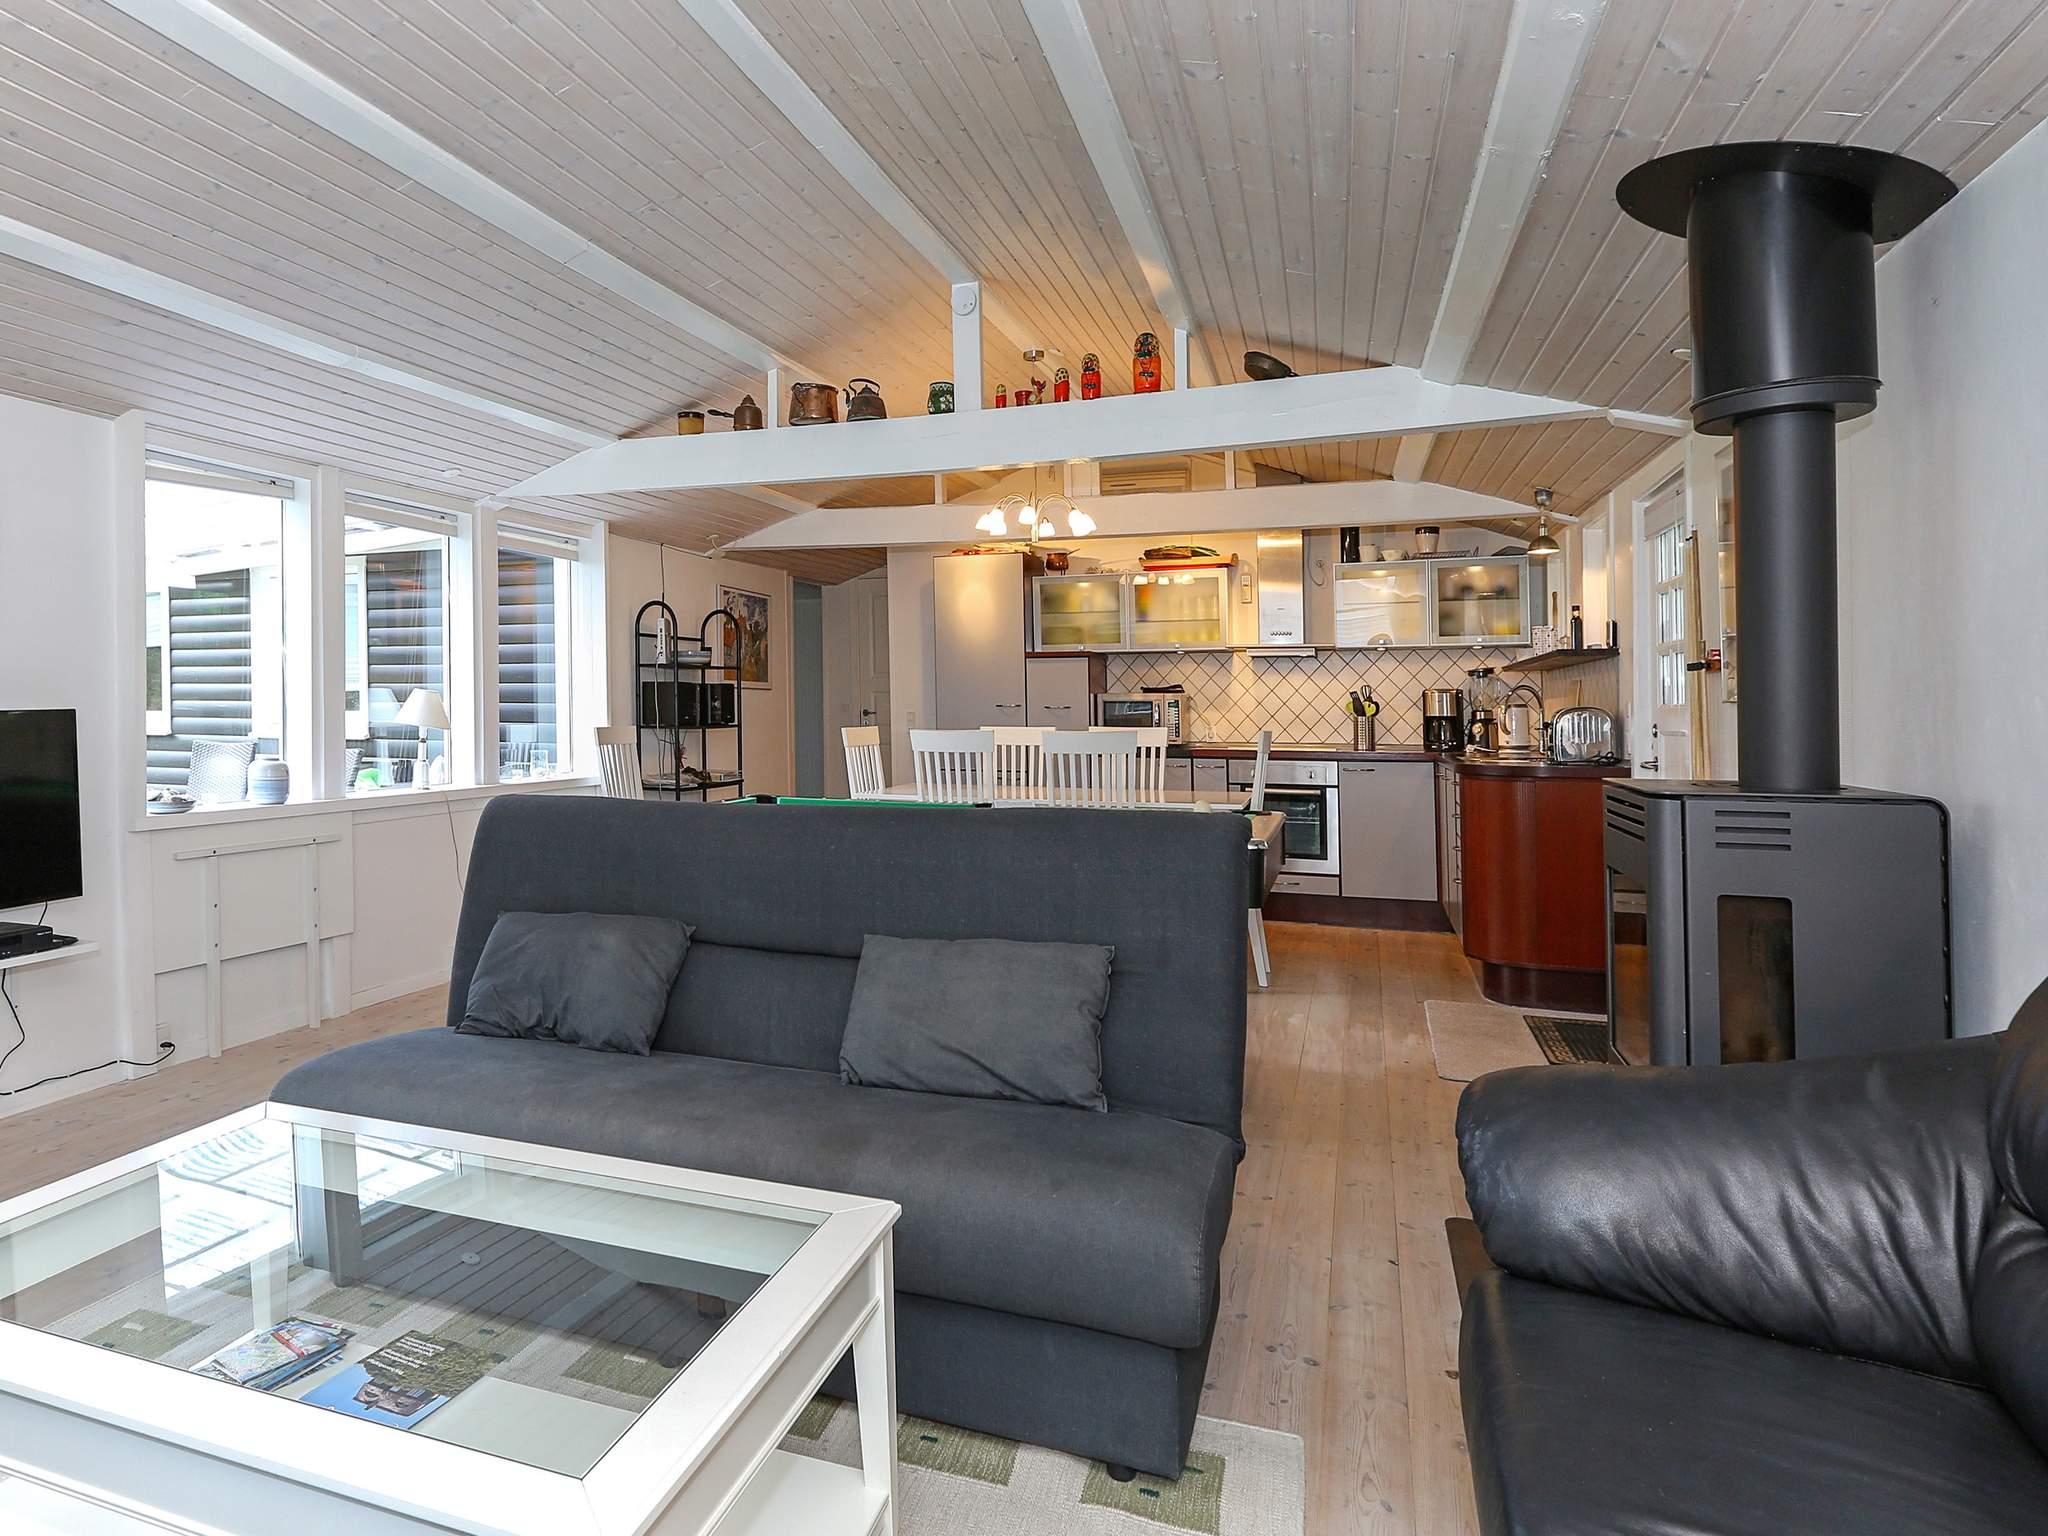 Ferienhaus Rågeleje (804324), Rågeleje, , Nordseeland, Dänemark, Bild 4